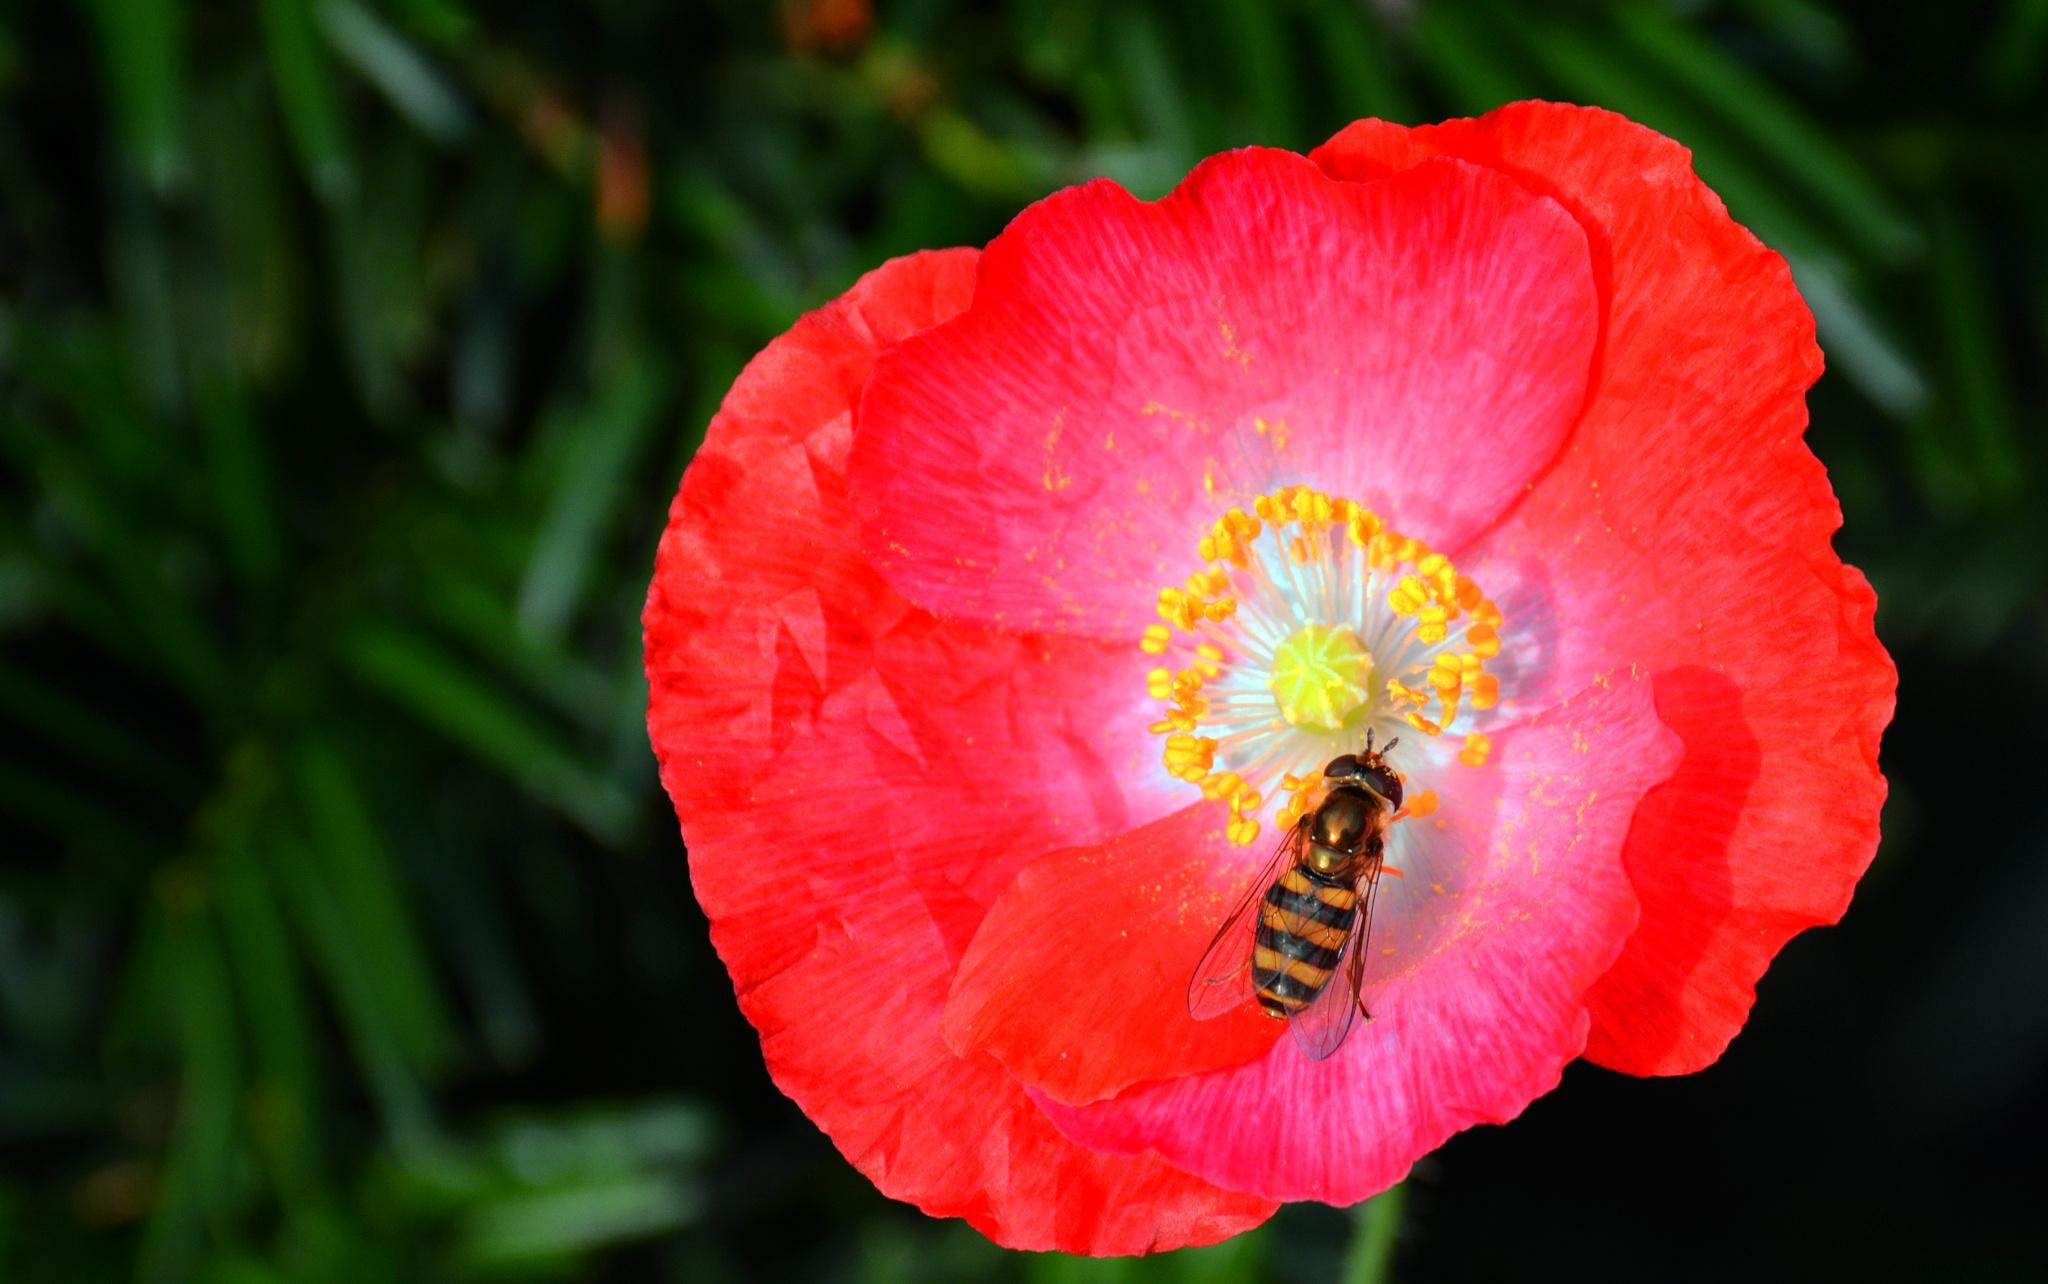 Bee on flower by William C. Burton